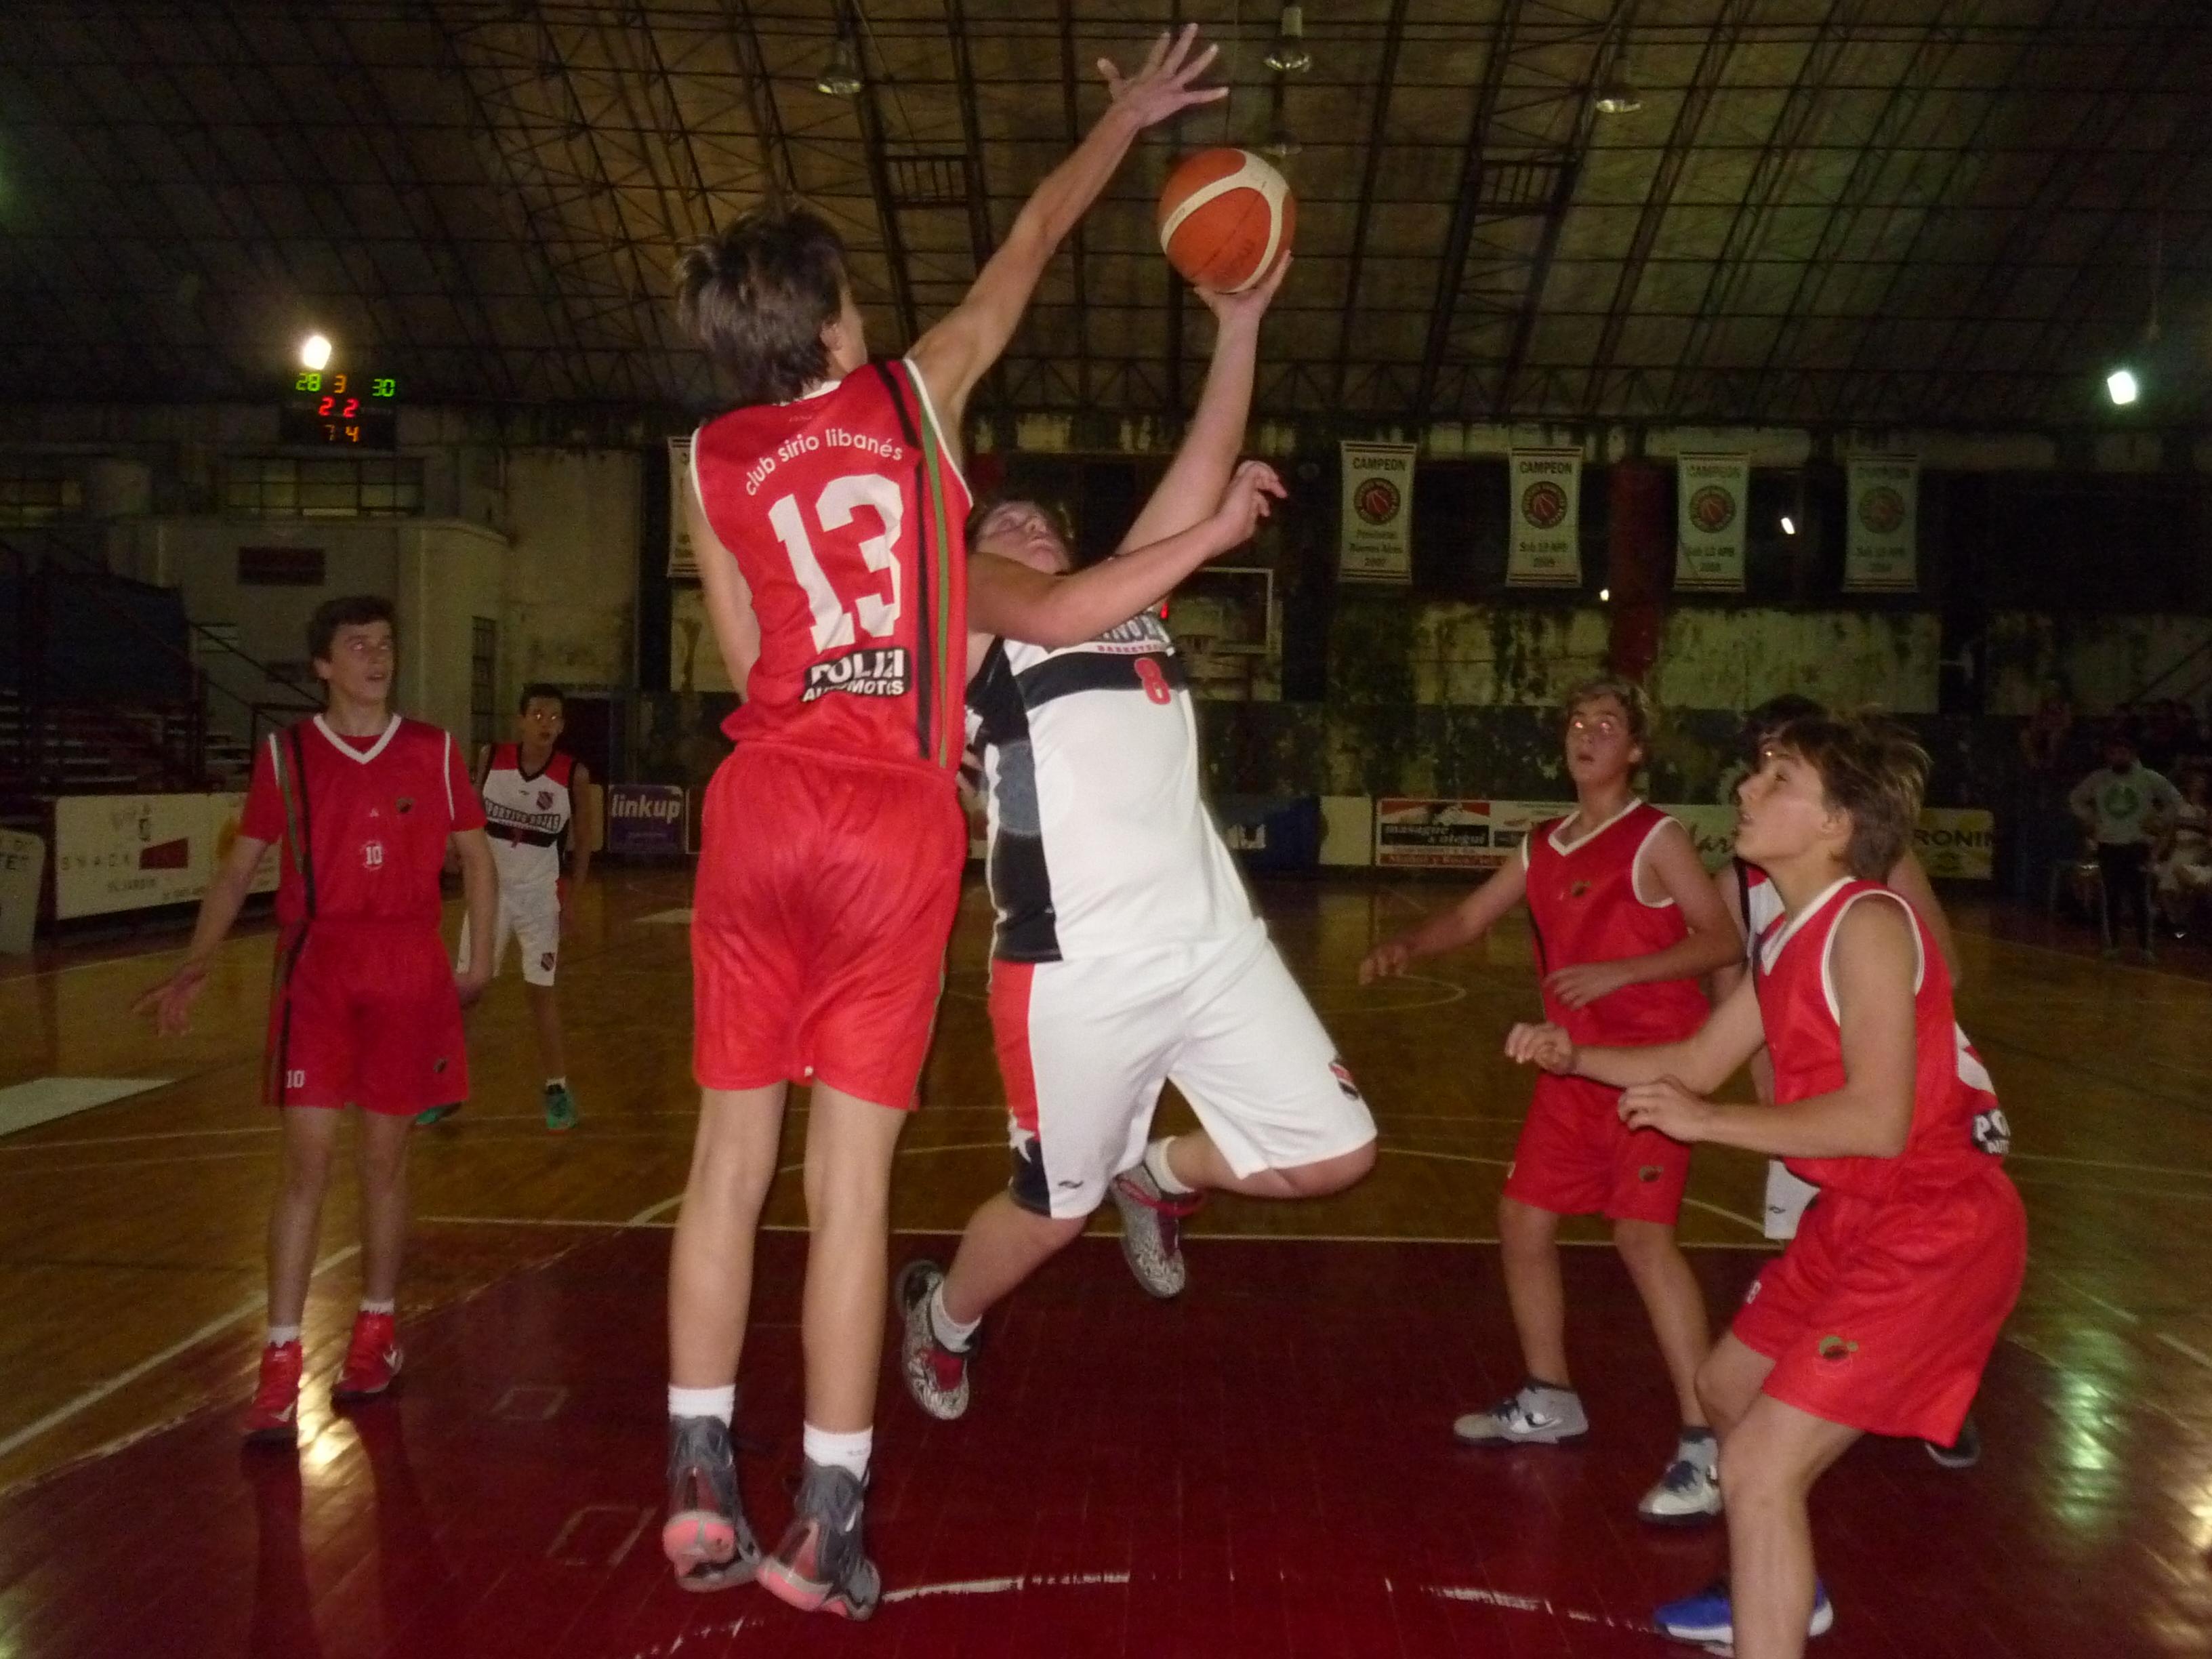 En lo que respecta a los correspondientes encuentros a disputarse este fin de semana por una nueva fecha de los torneos de APB, tanto en las divisiones segunda como inferiores, el representativo rojense Sportivo de Rojas será local a lo largo de la jornada del sábado 23 de septiembre.